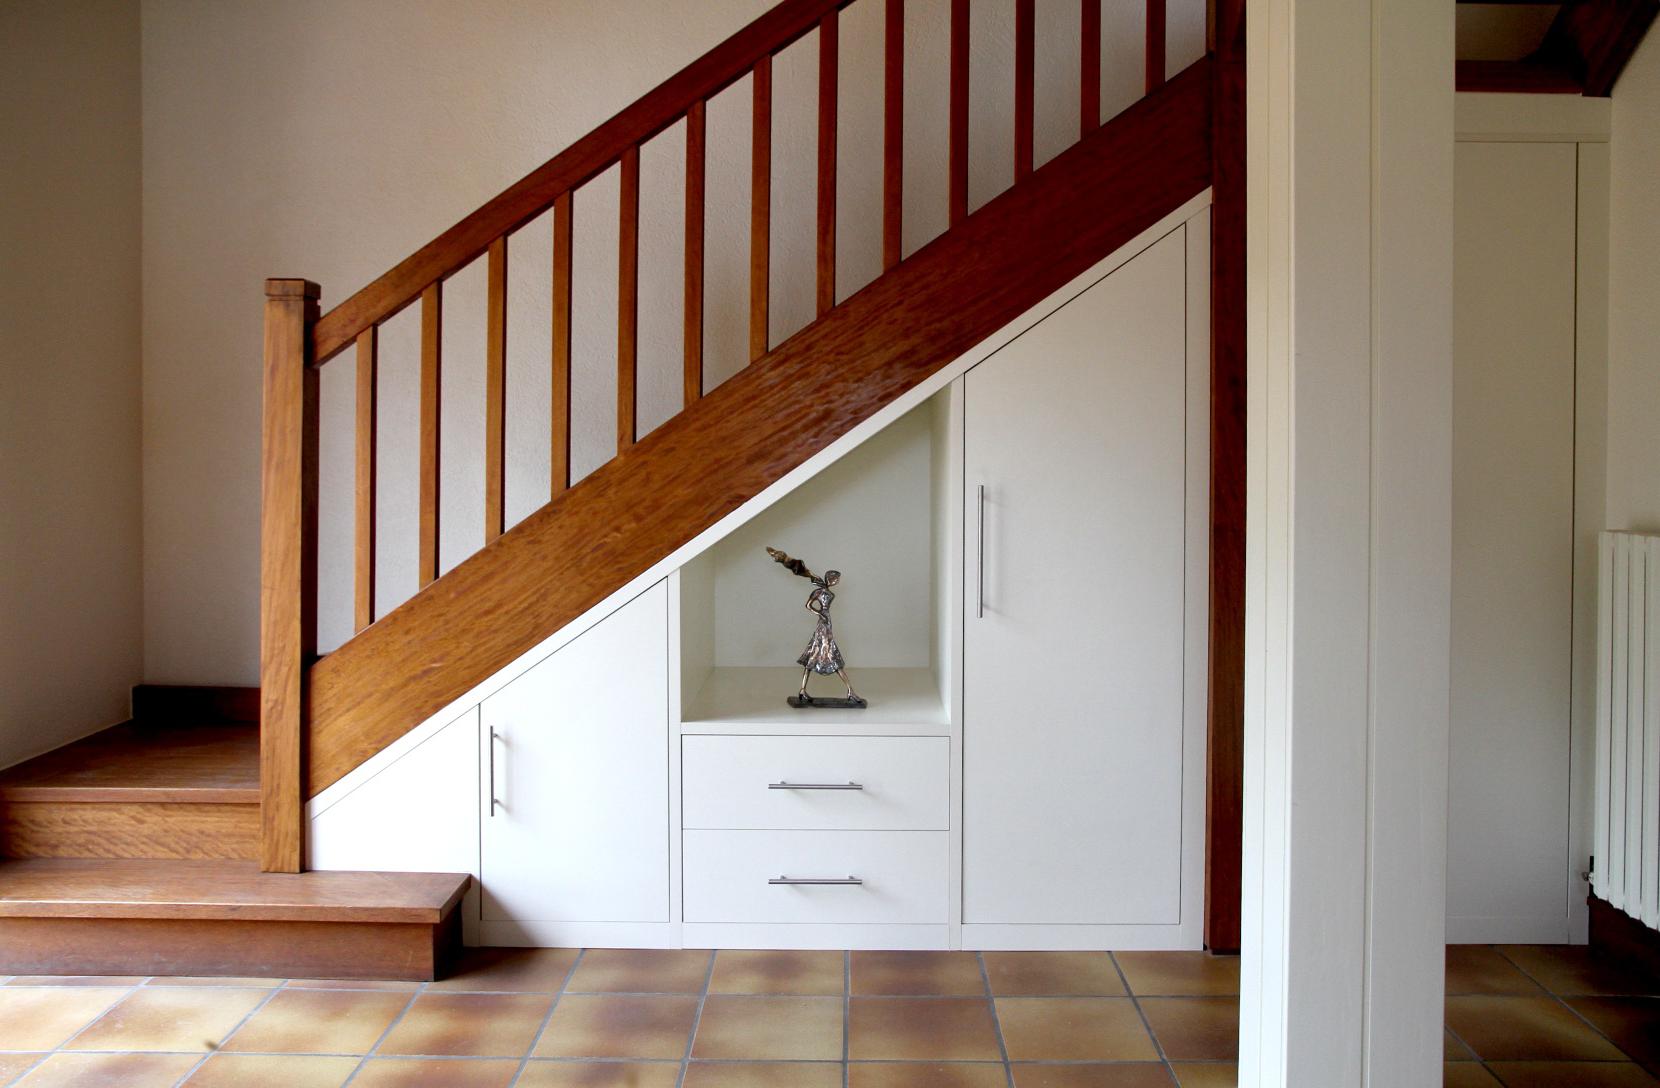 placard sous escalier | Meuble sous escalier, Placard sous escalier, Rangement sous escalier